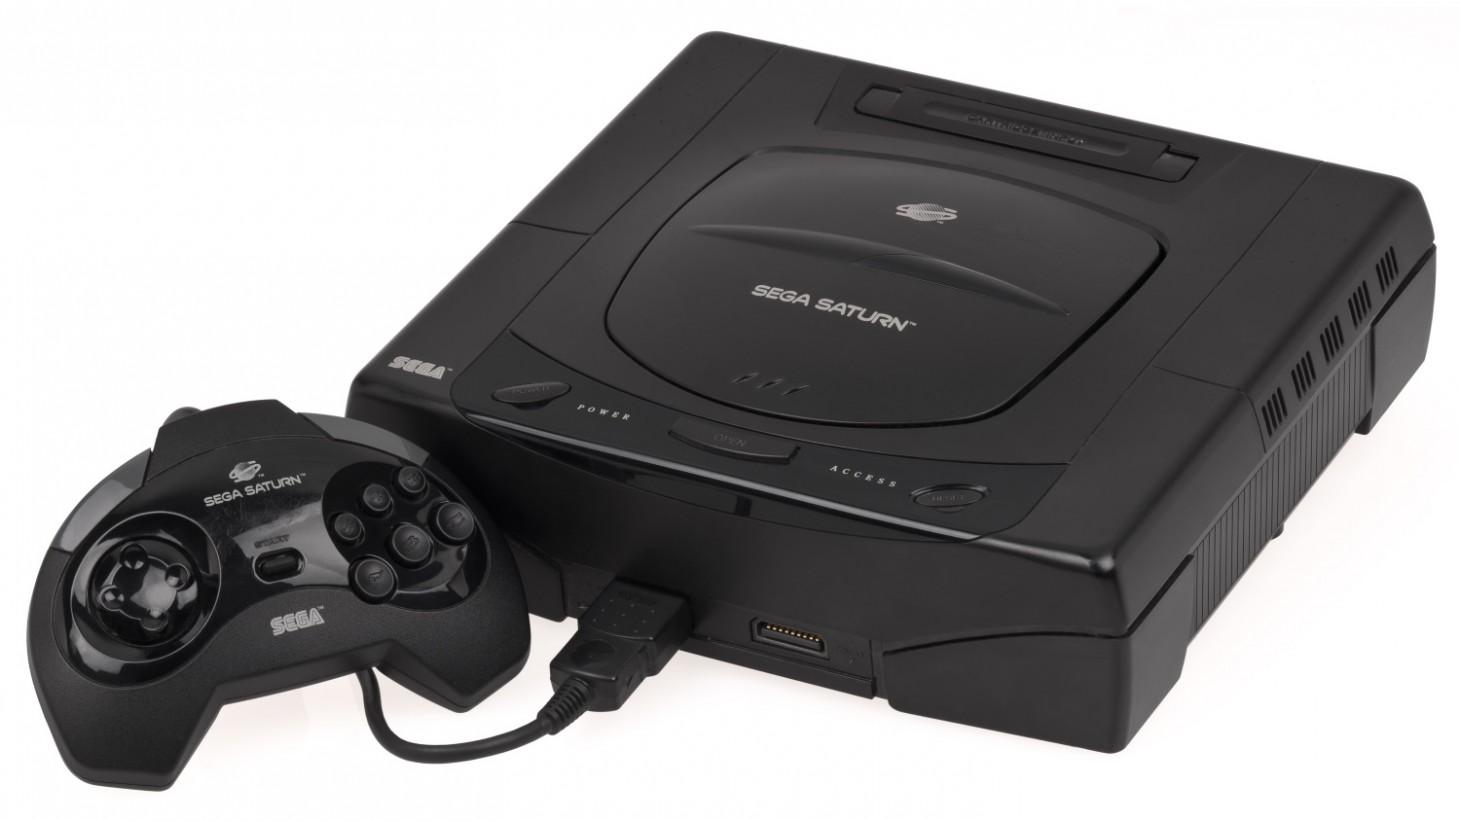 The Sega Saturn